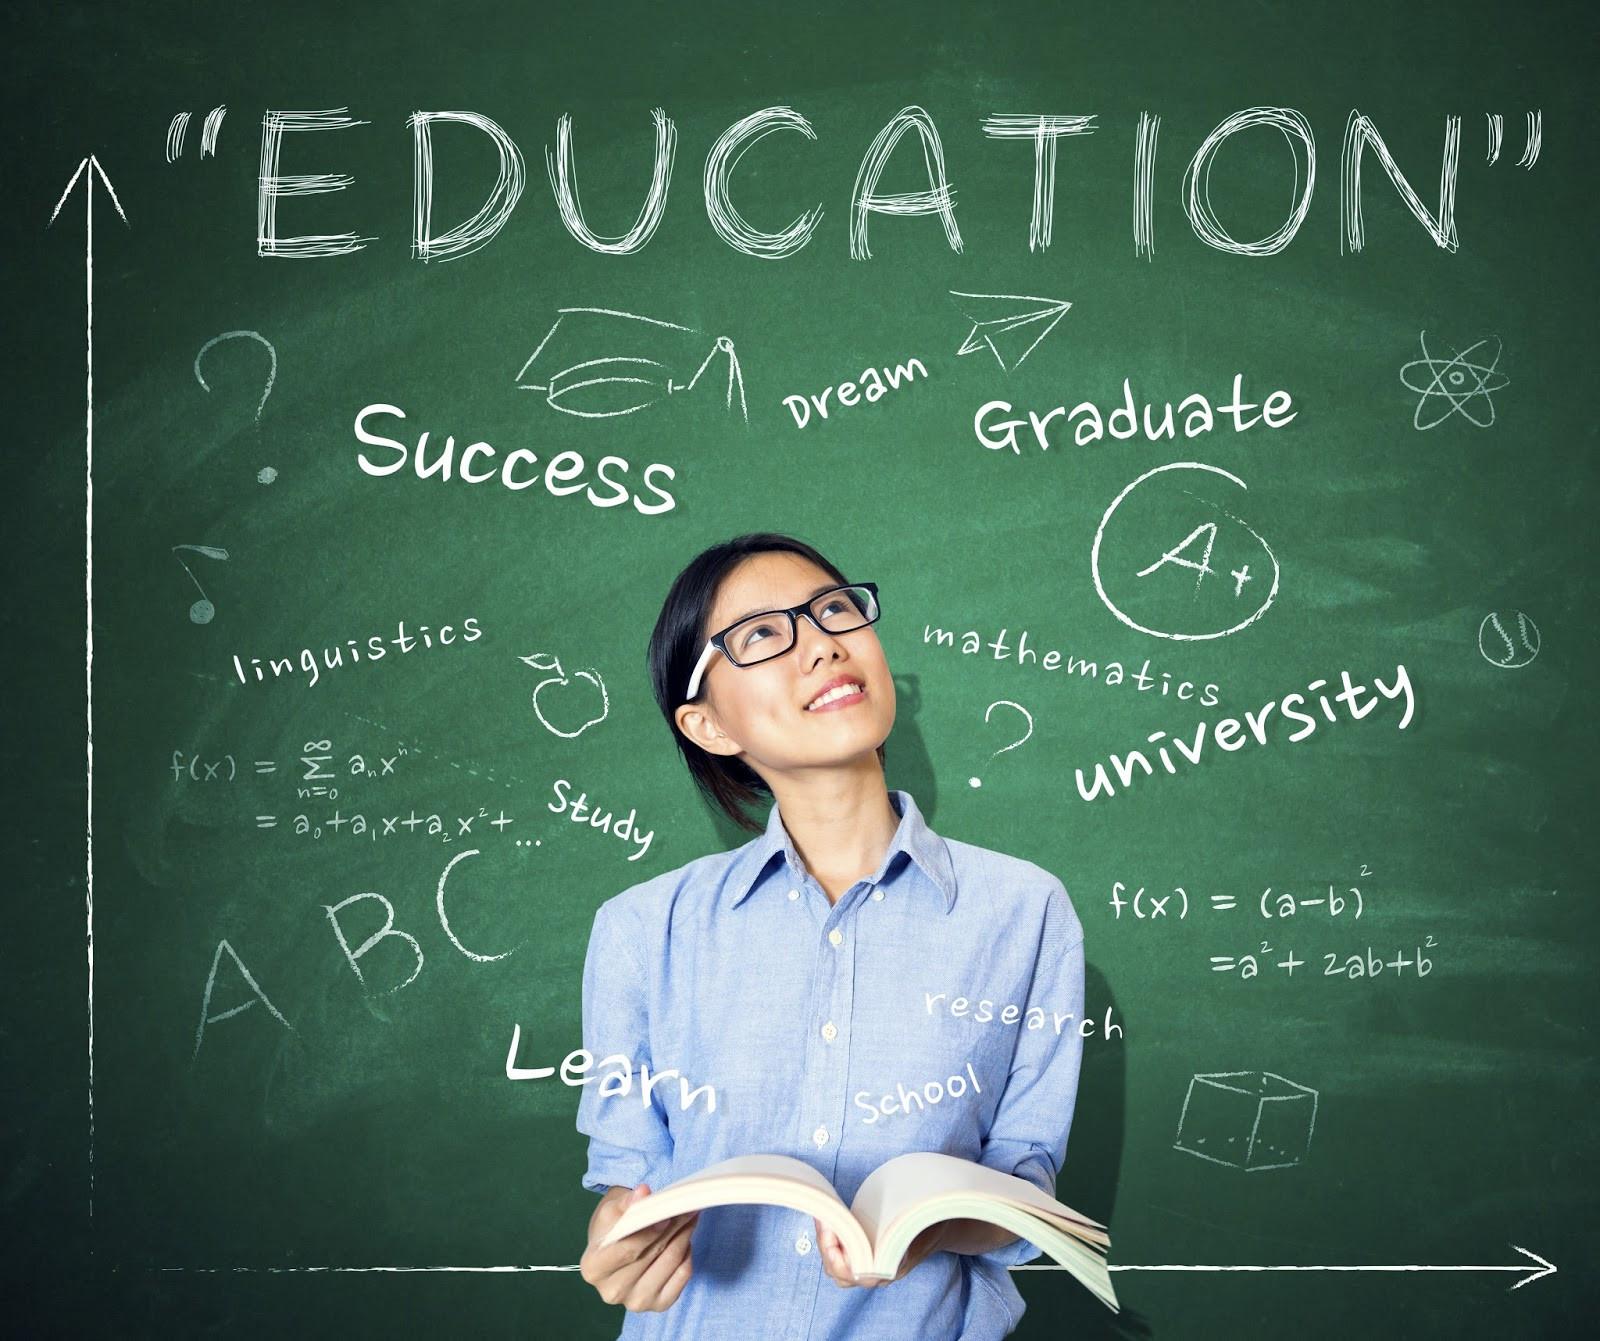 Free College consultation